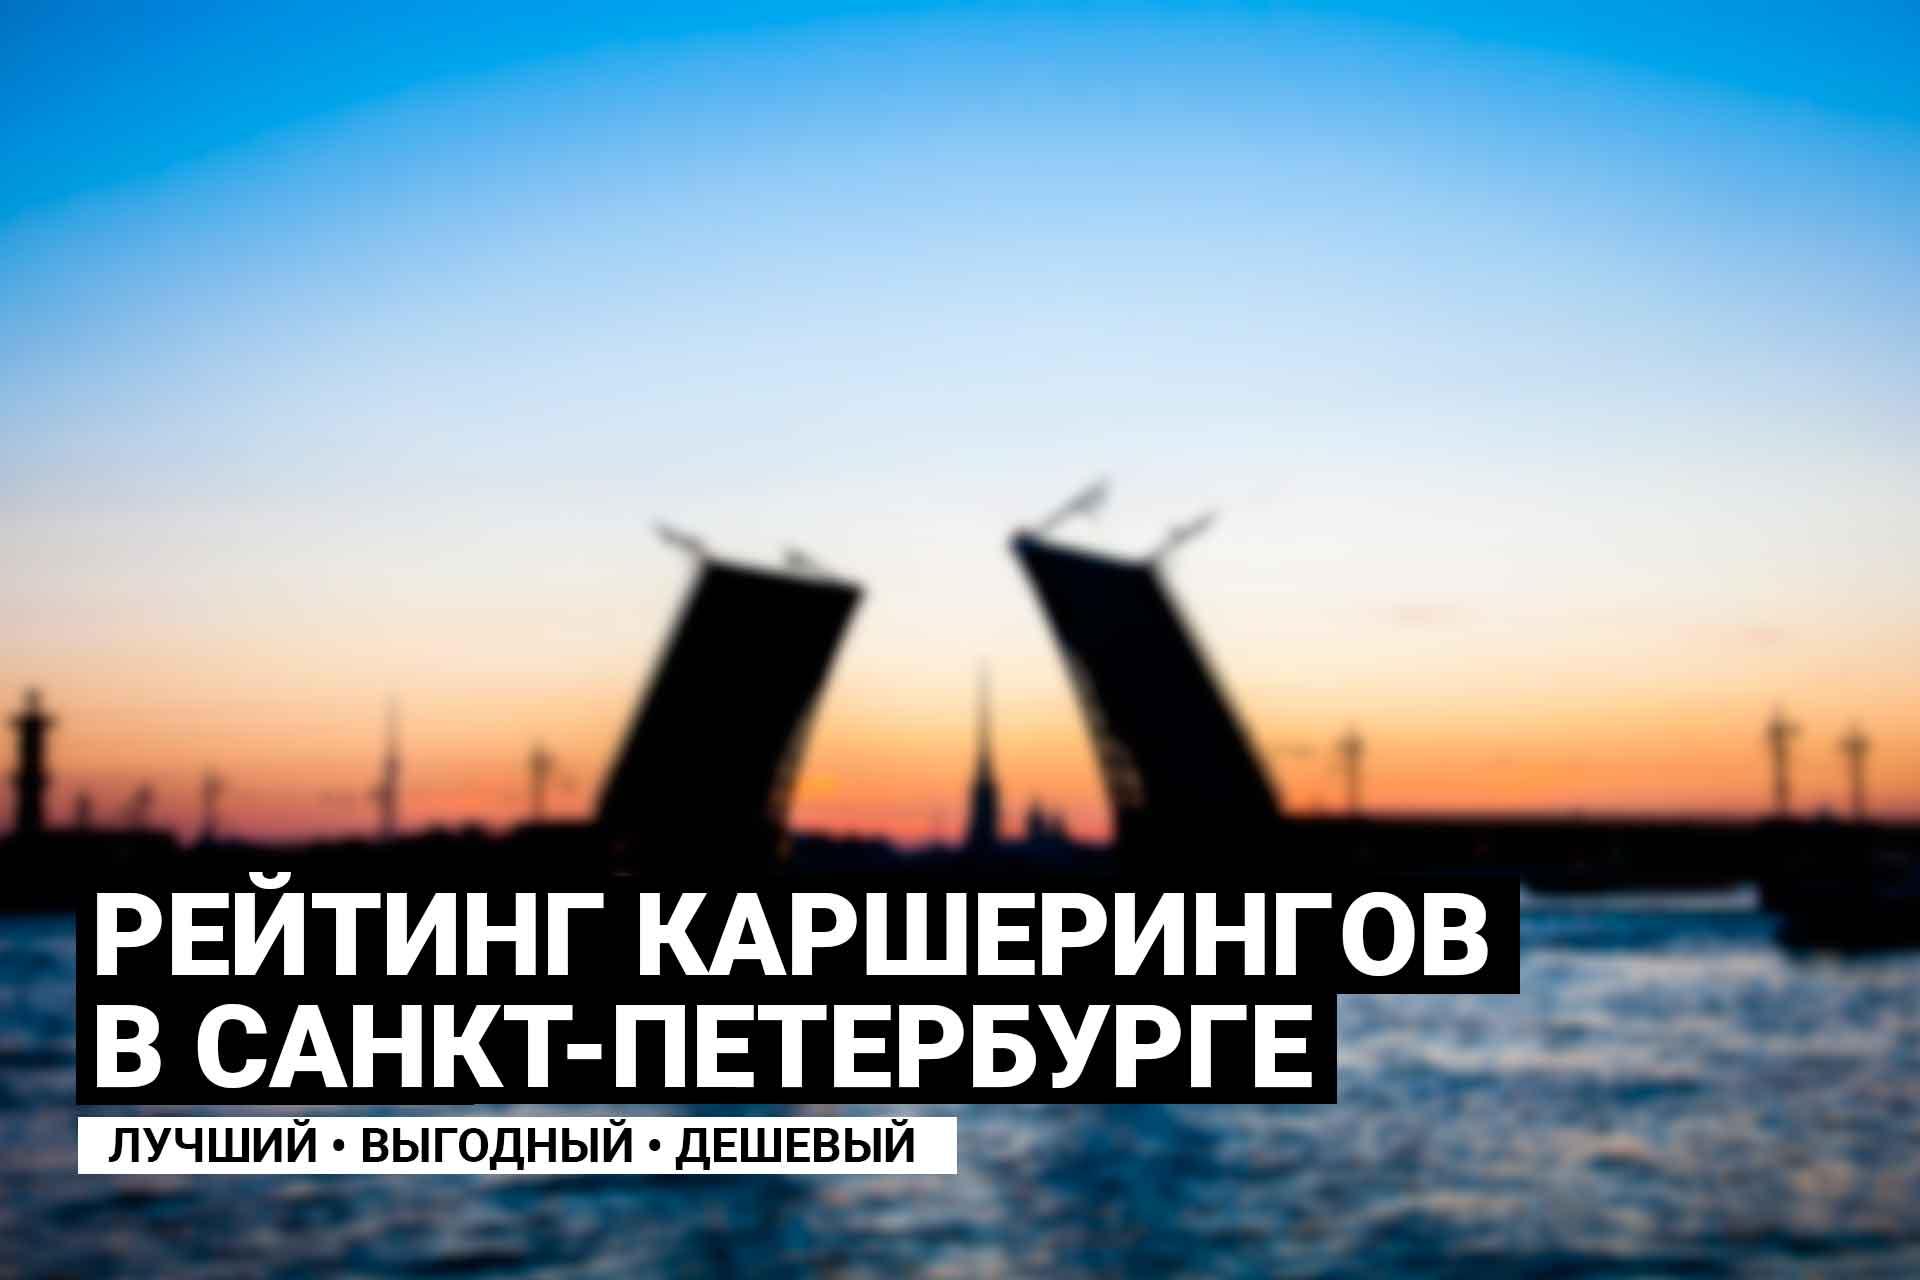 Рейтинг каршерингов в Санкт-Петербурге